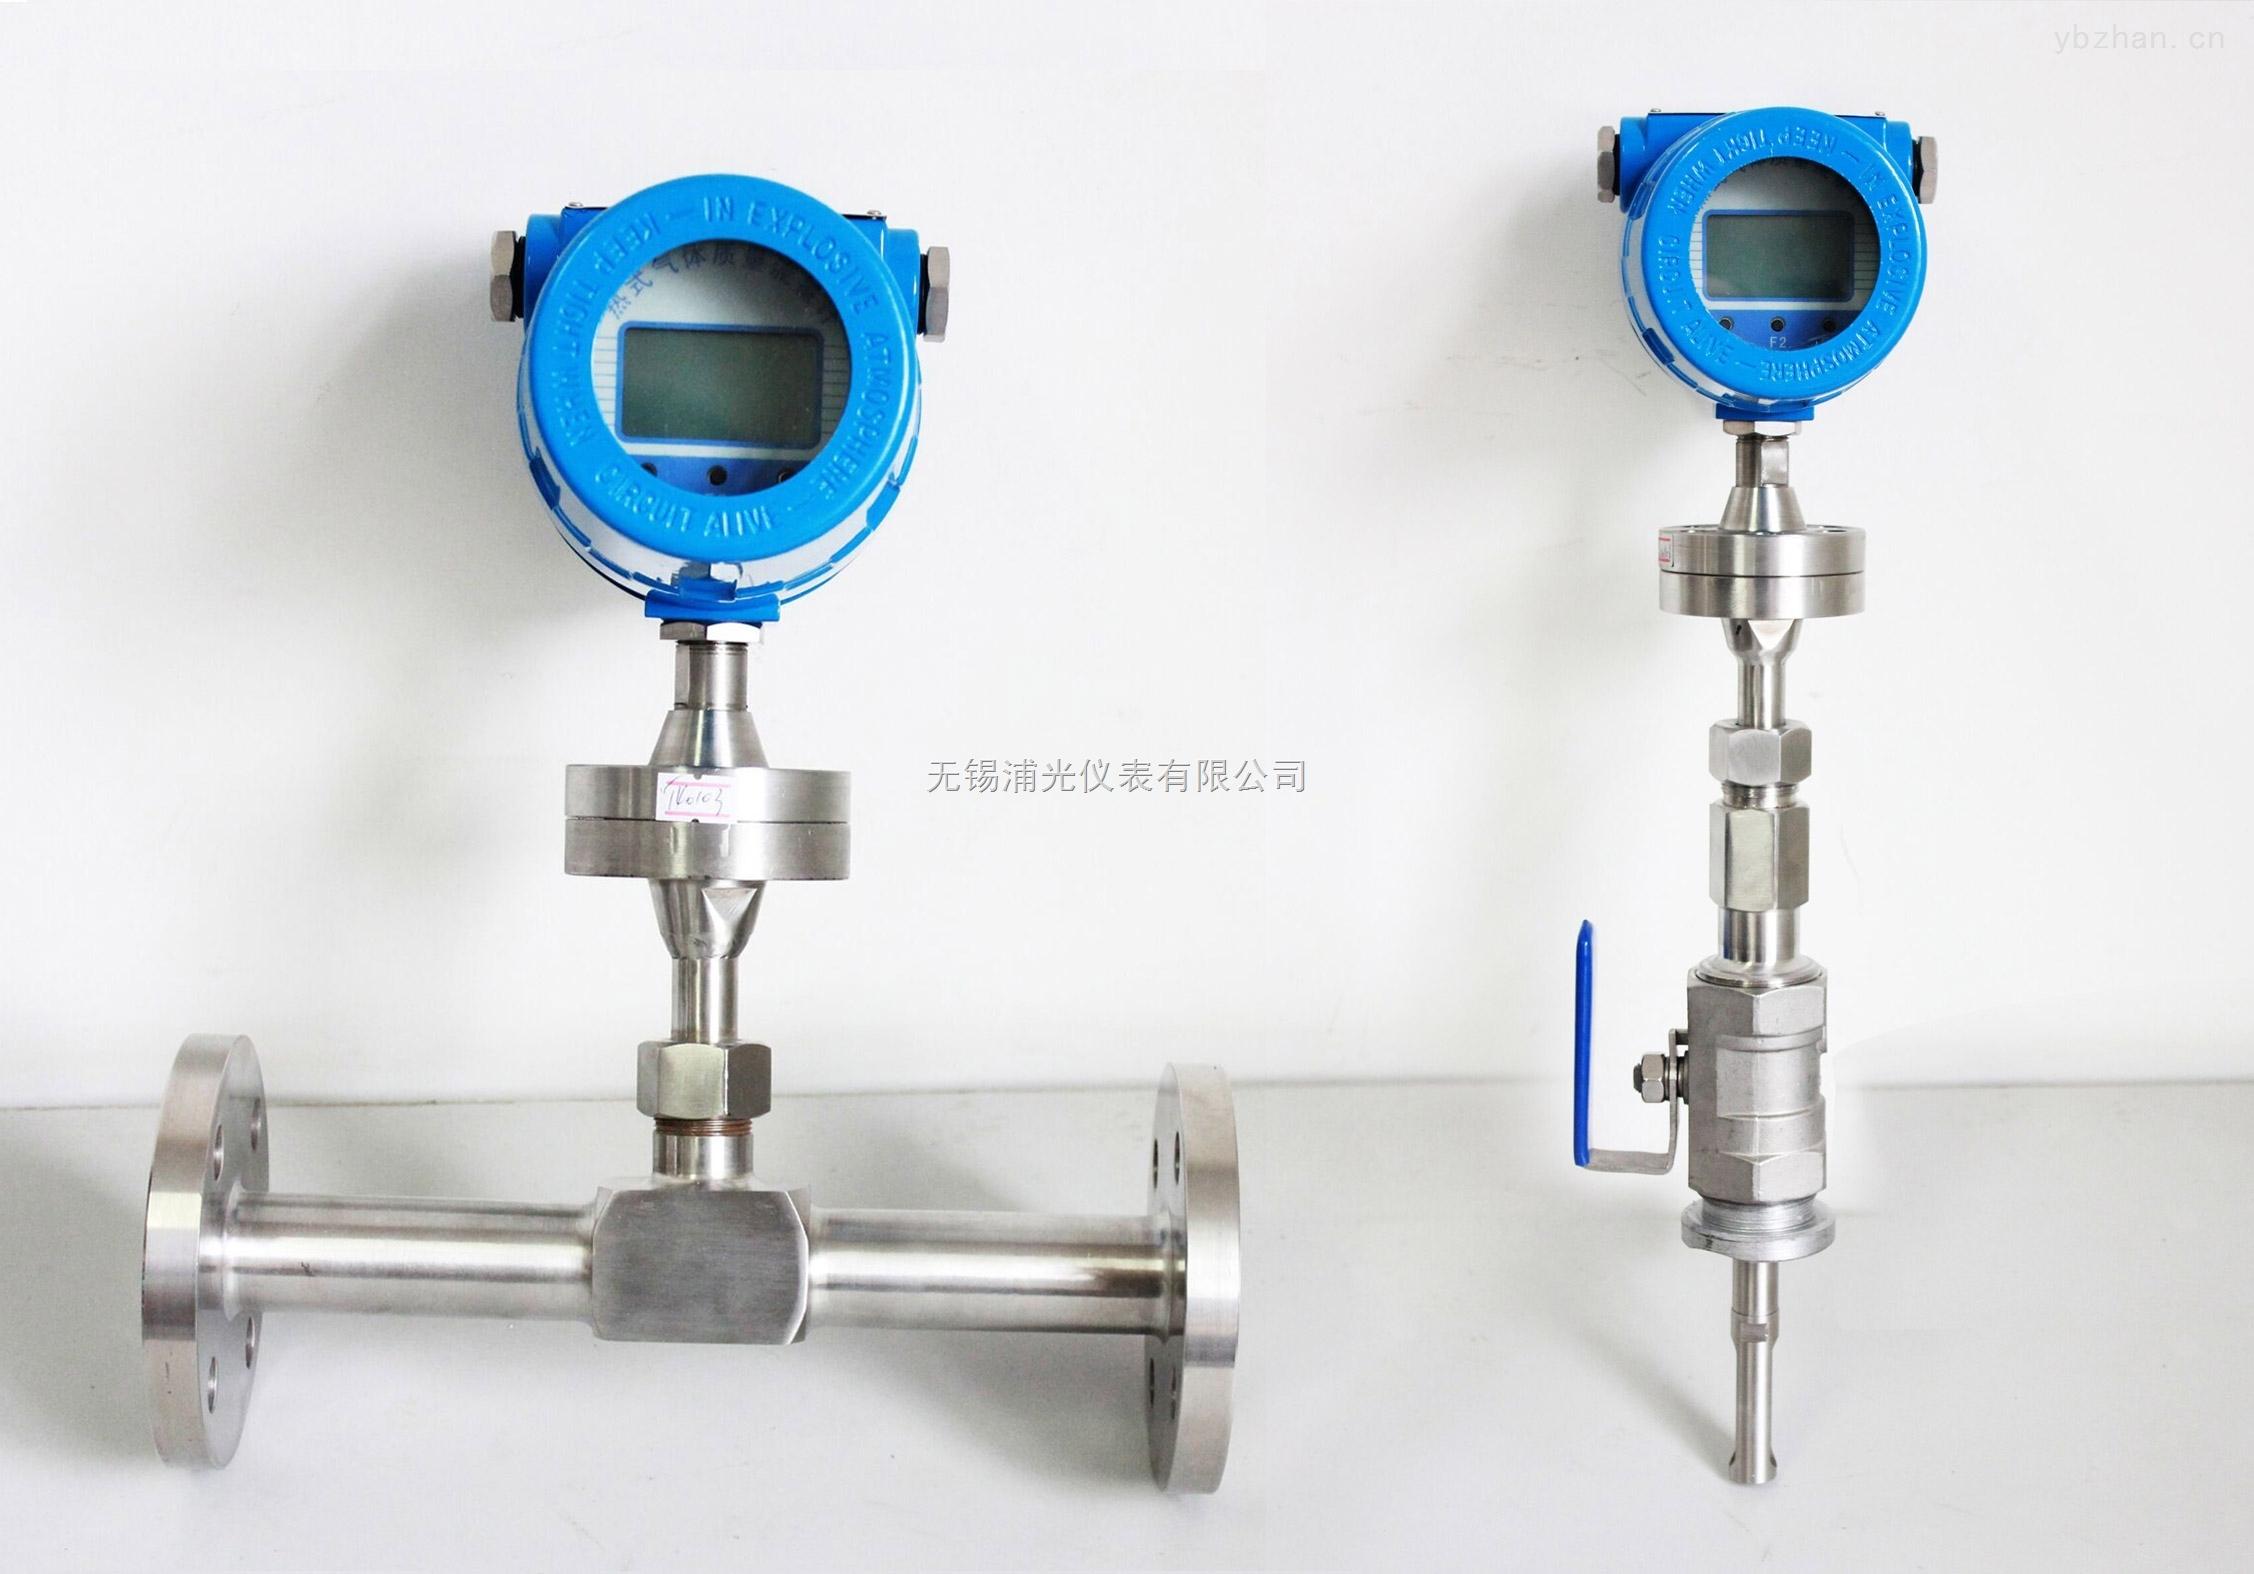 张家港插入式气体质量流量計